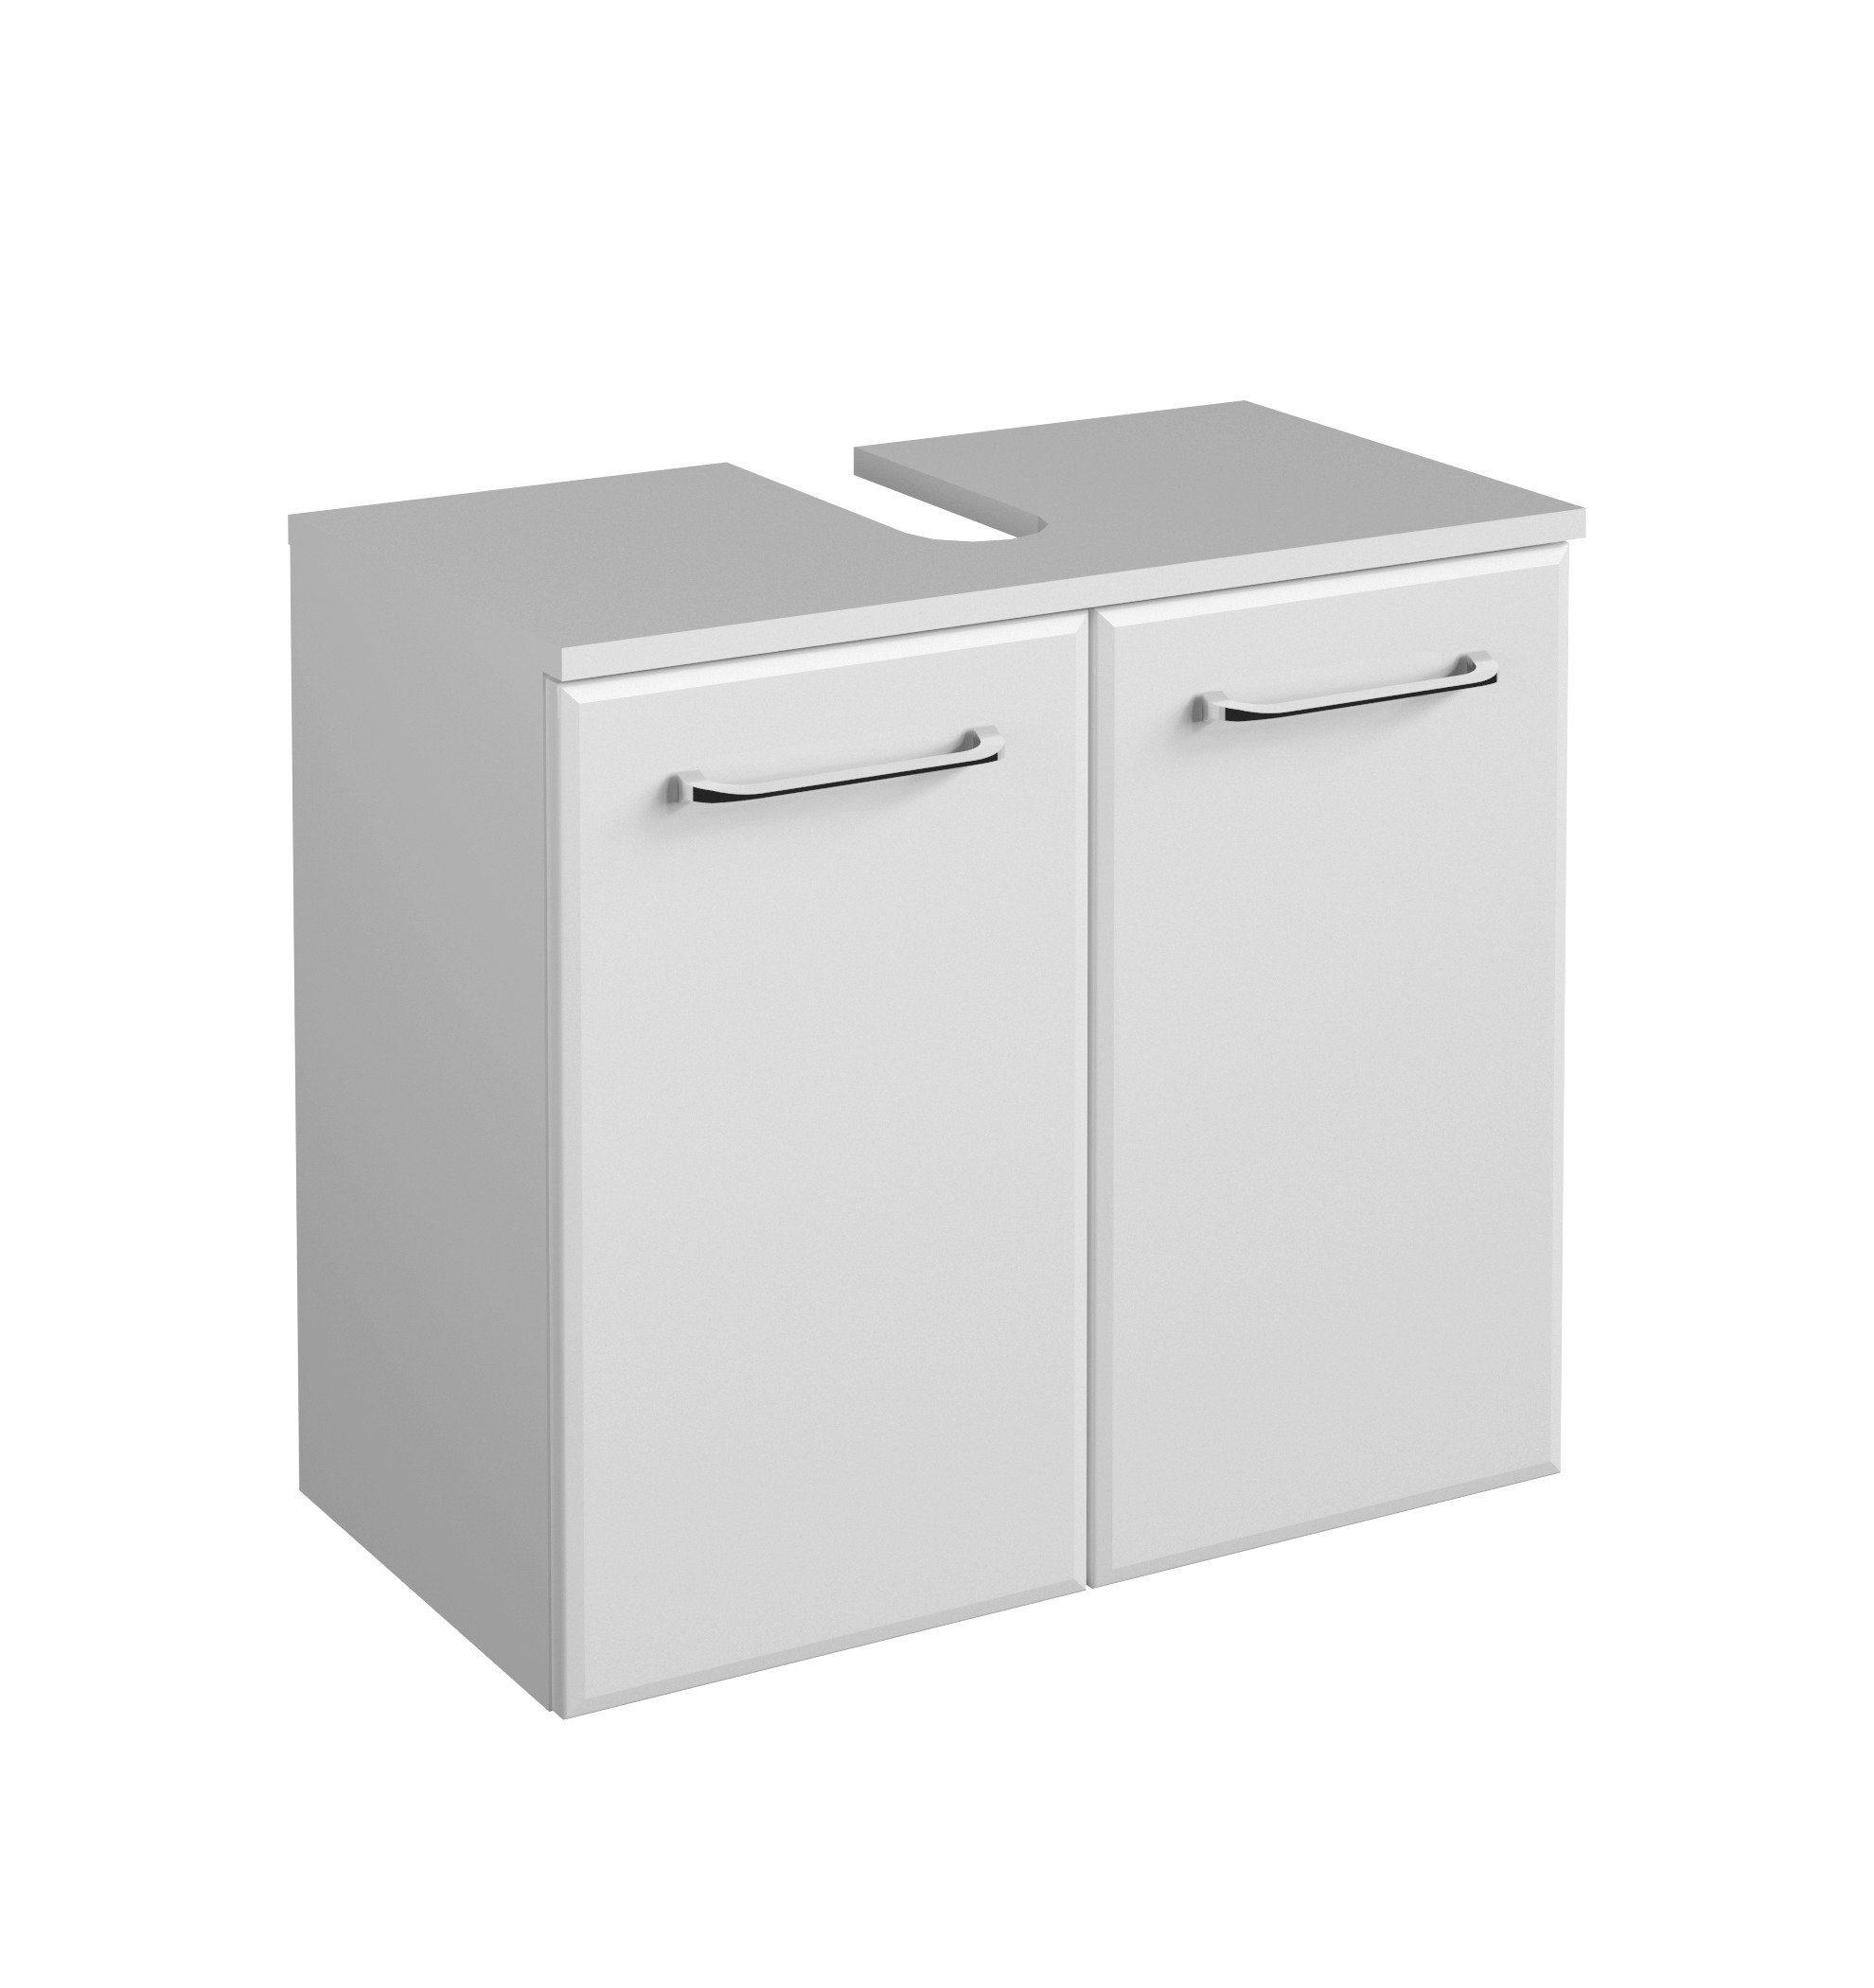 Frisch Waschbeckenunterschrank »FILO«, Breite 60 cm | OTTO KD63